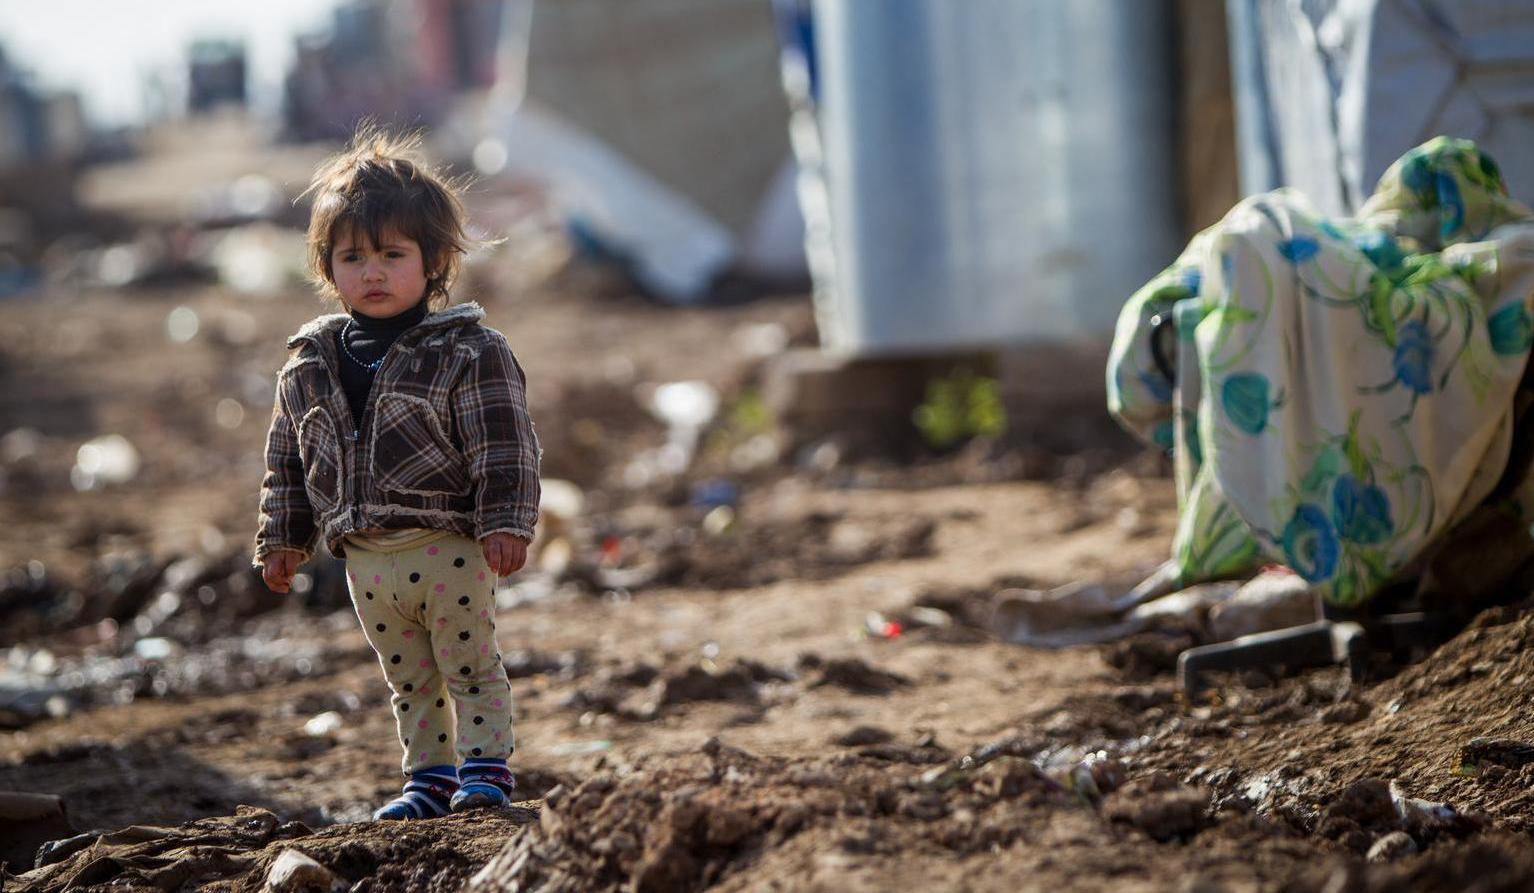 Bild zu UNICEF-Patenschaft verschenken, UNICEF-Pate